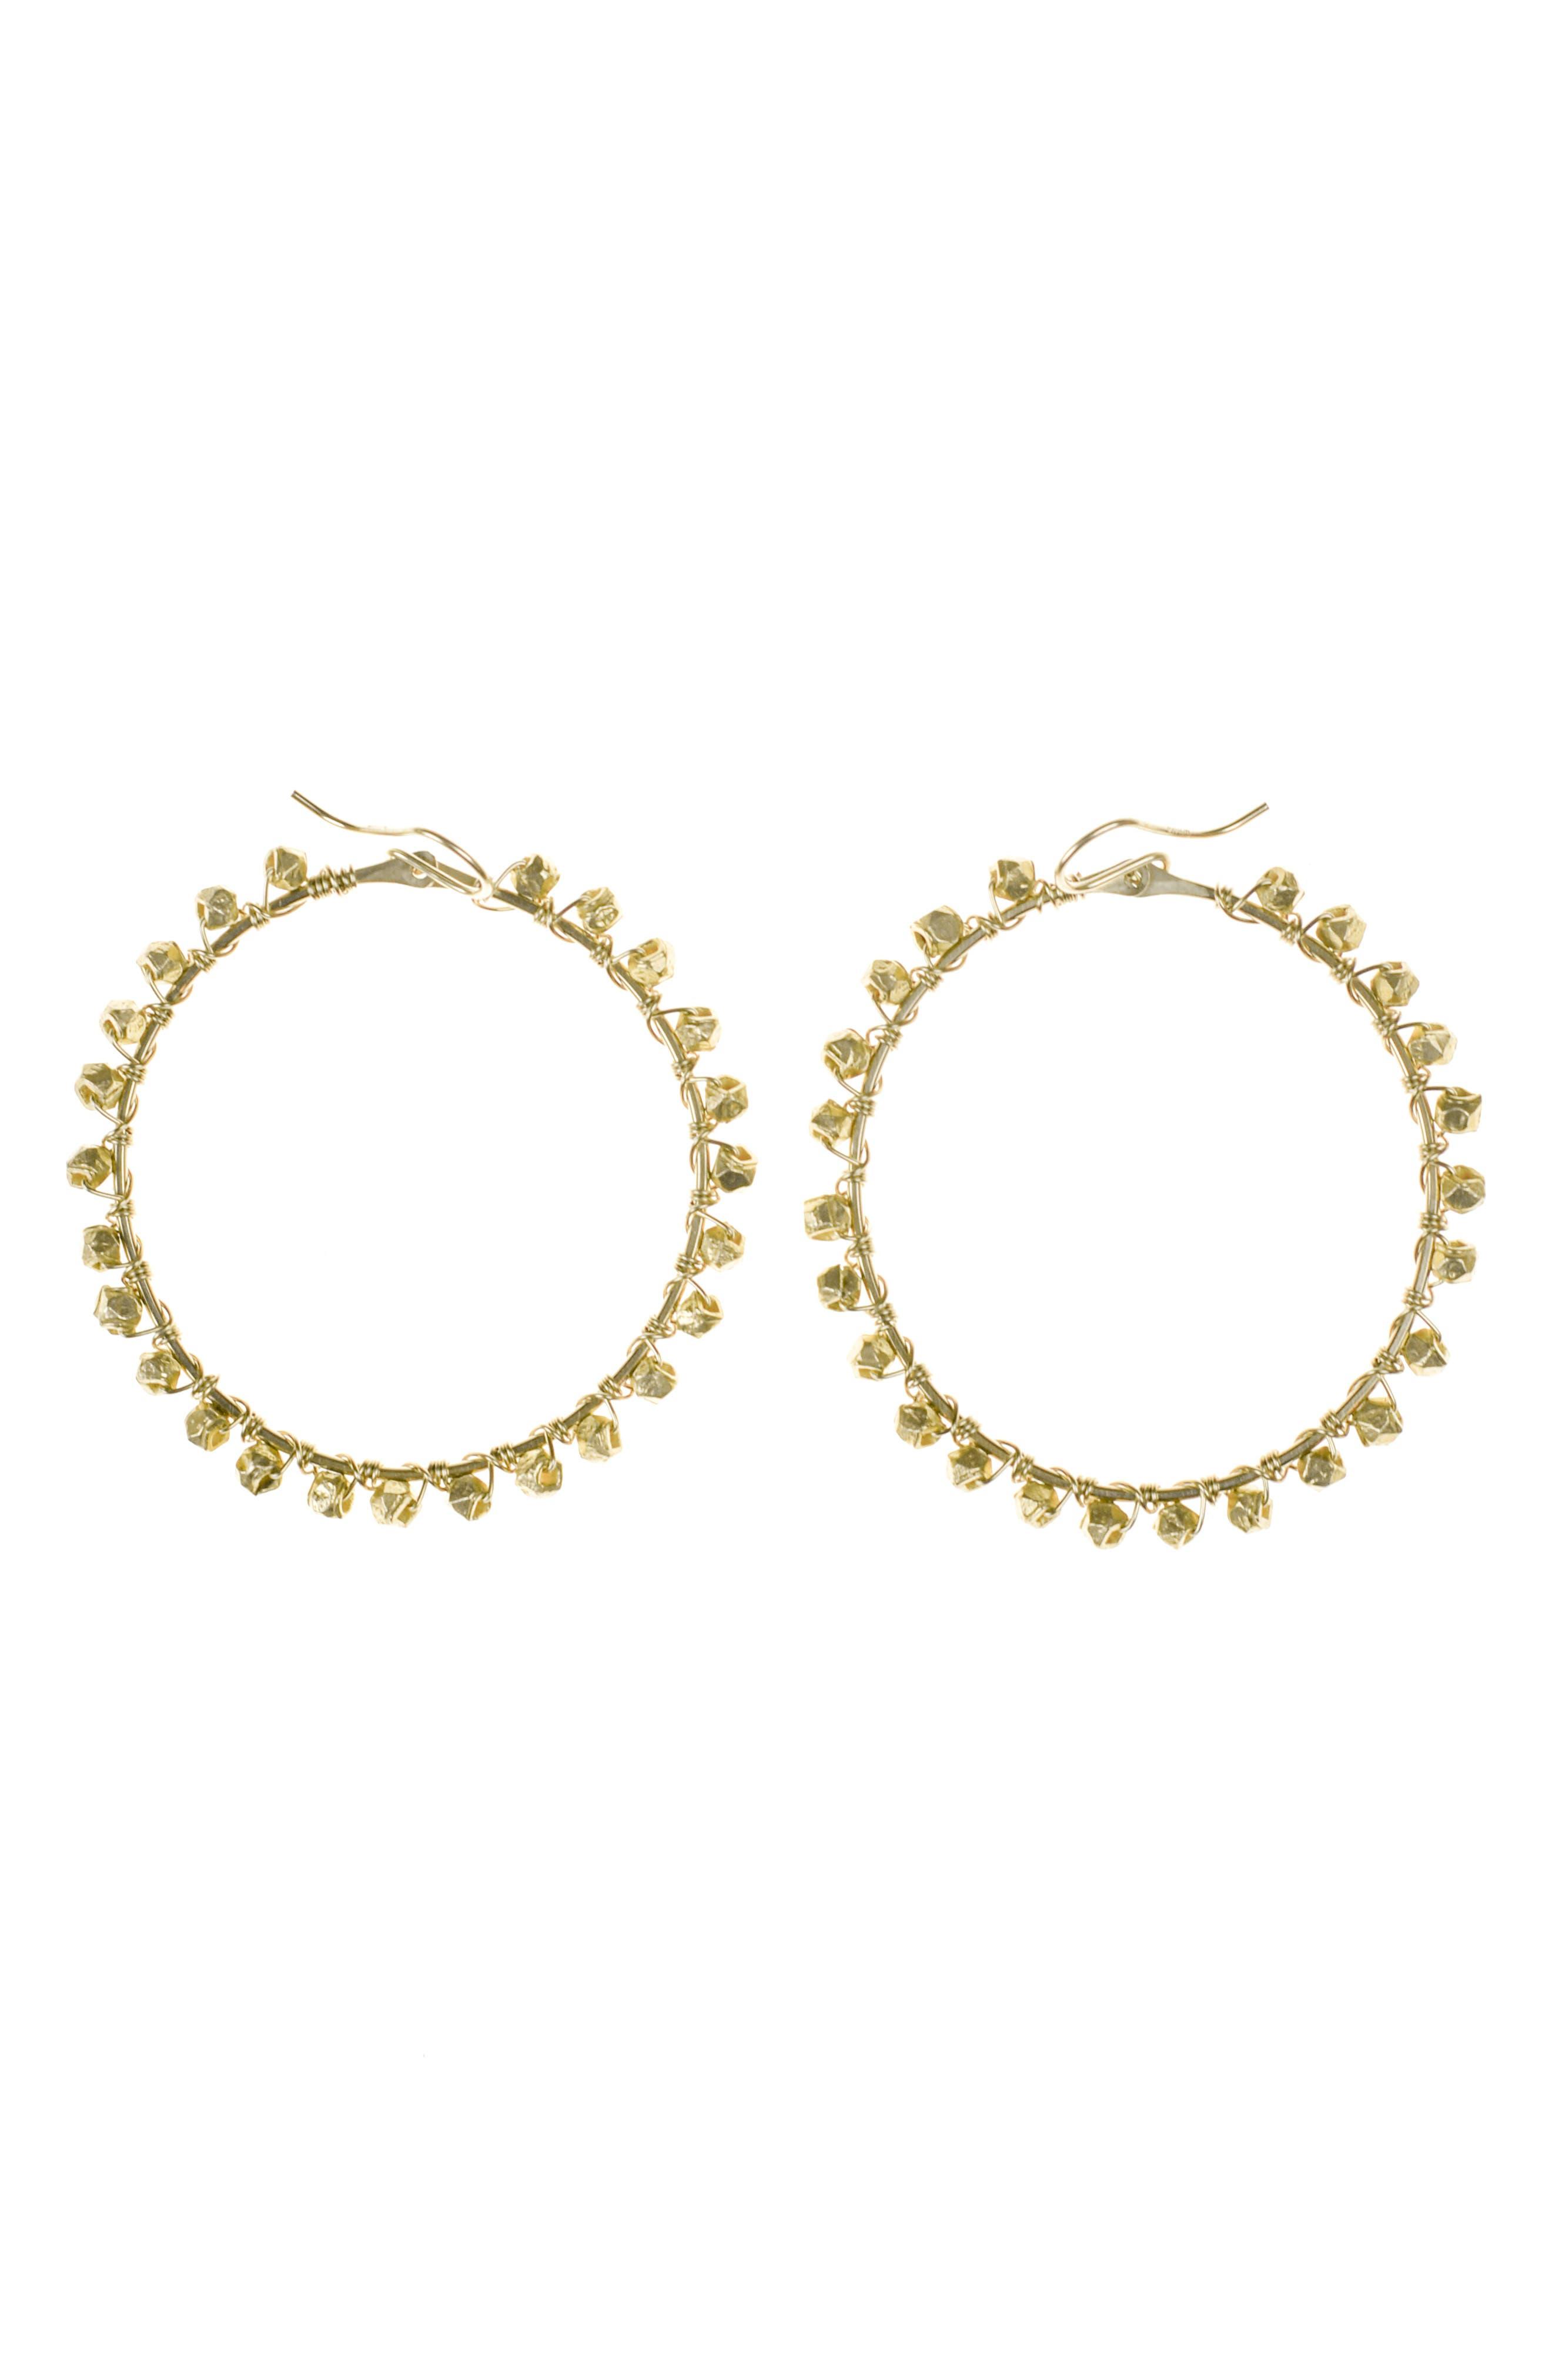 NASHELLE, Bernadette Hoop Earrings, Main thumbnail 1, color, GOLD